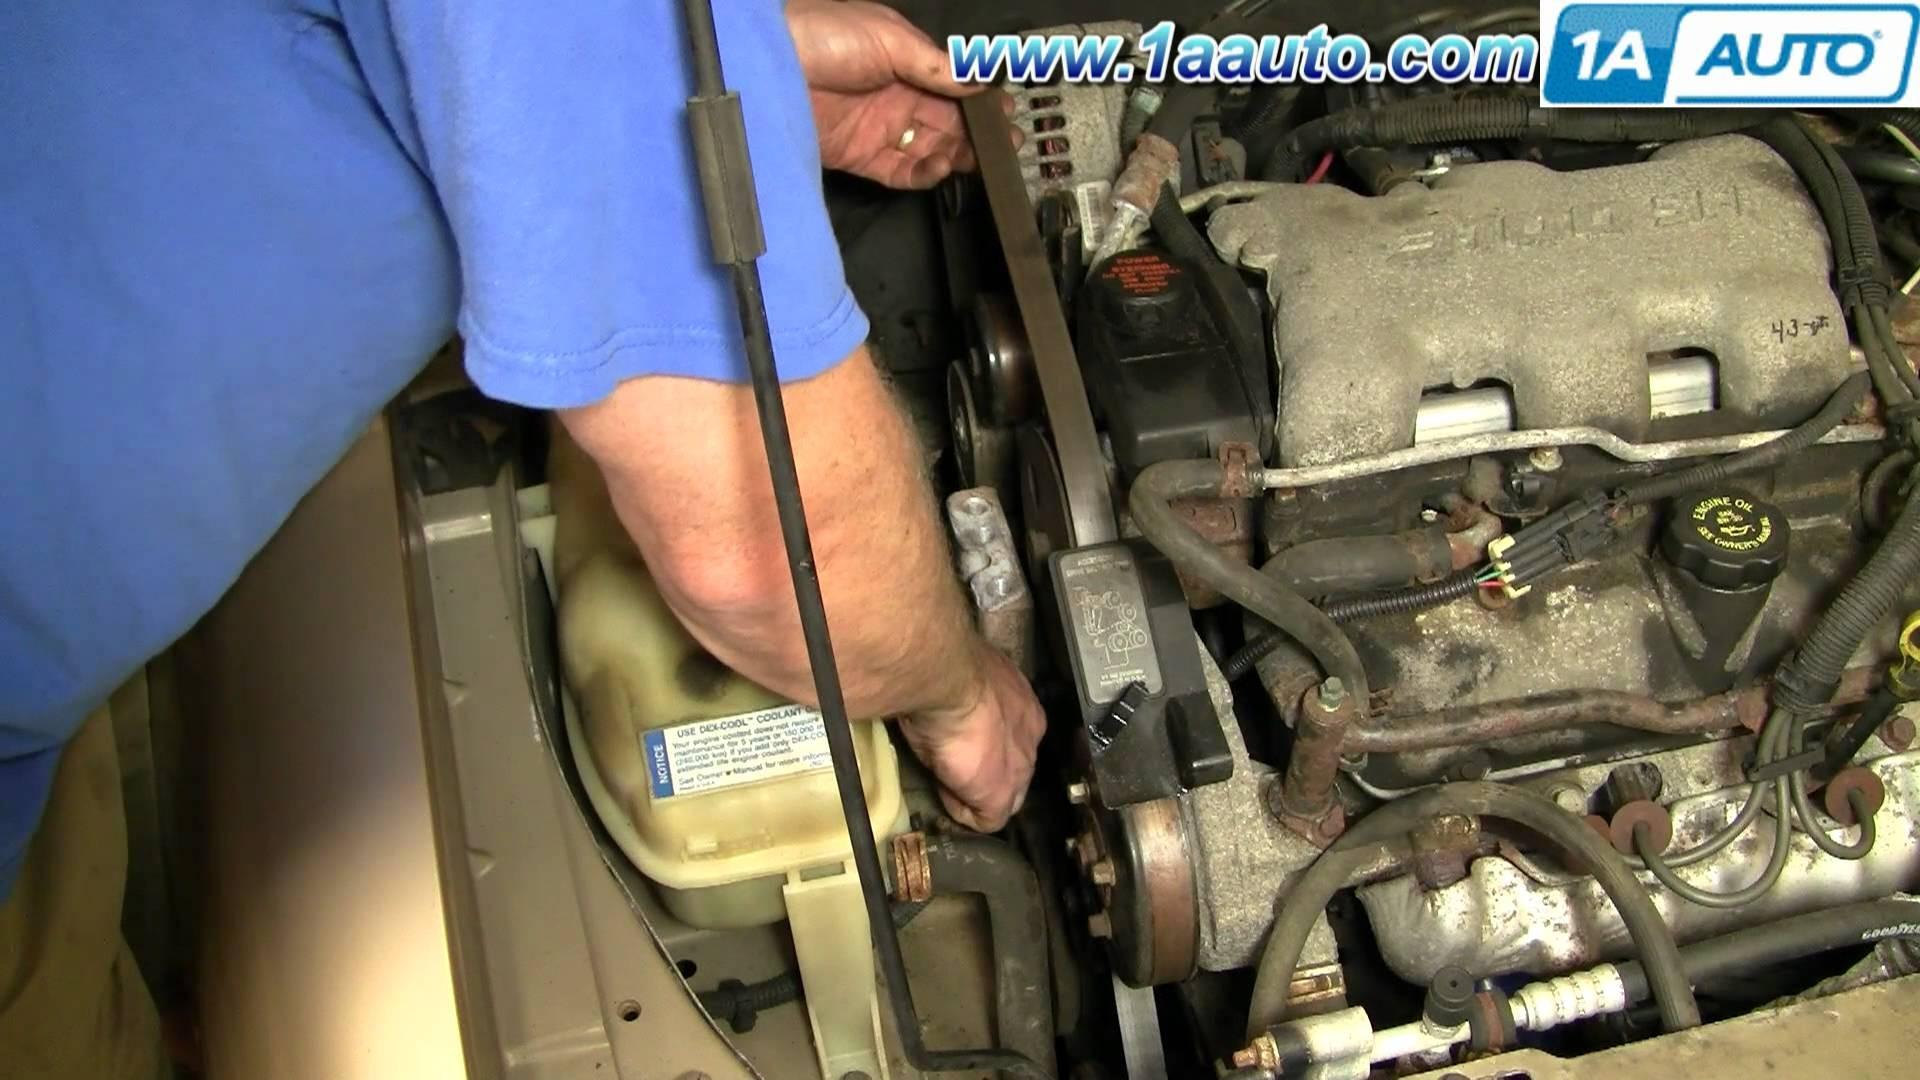 97 buick lesabre serpentine belt diagram bohr for calcium 1999 chevy lumina engine the original mechanic 3